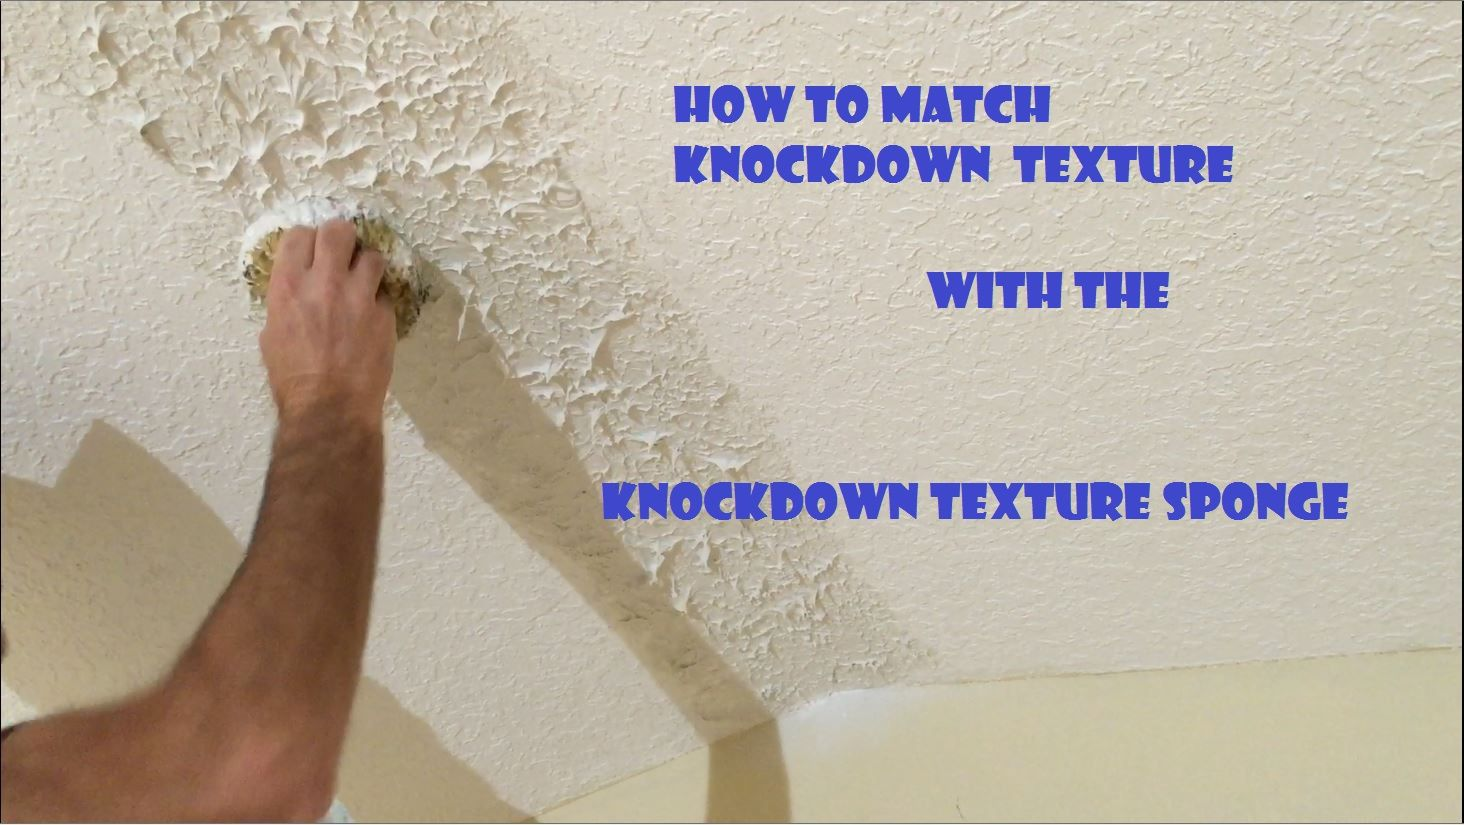 Knockdown Texture Sponge Drywall Repair Tool Www Handyman